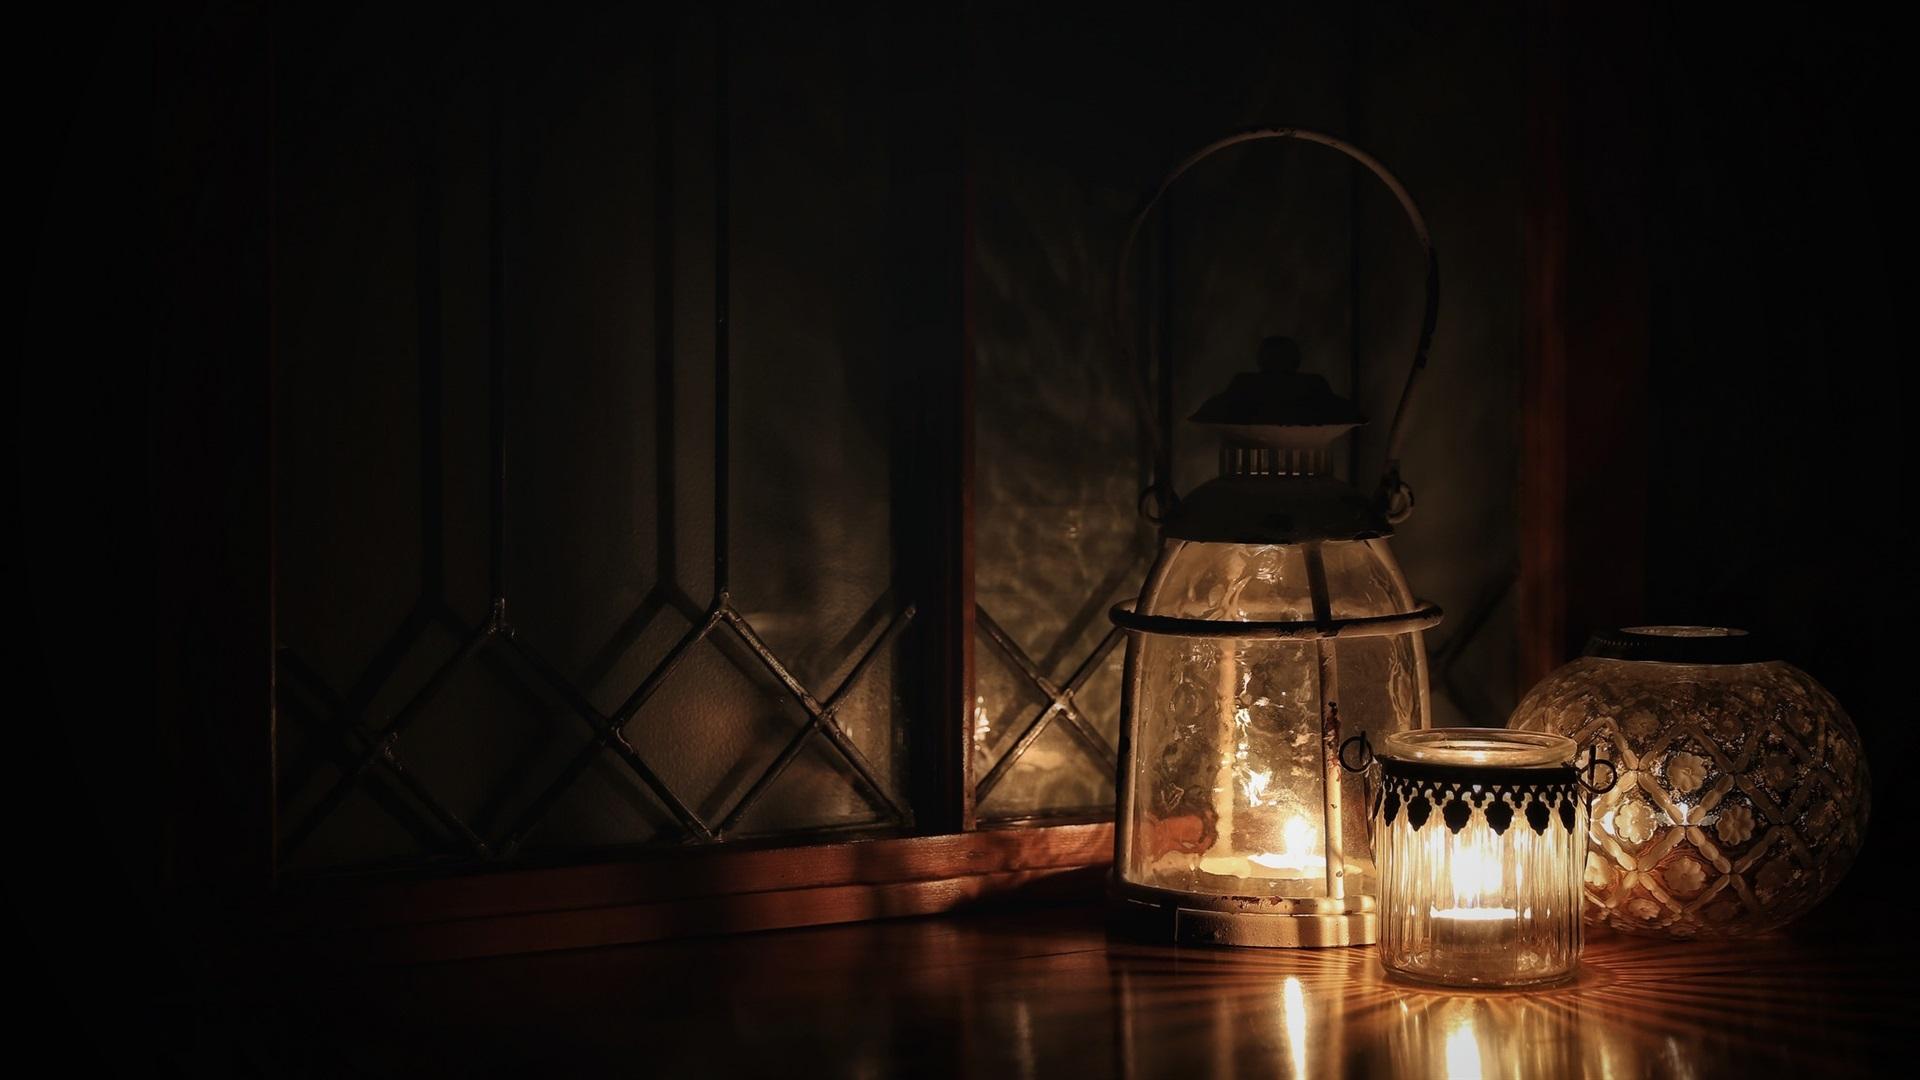 壁紙 ランプライト、暗闇 1920x1200 HD 無料のデスクトップの背景, 画像